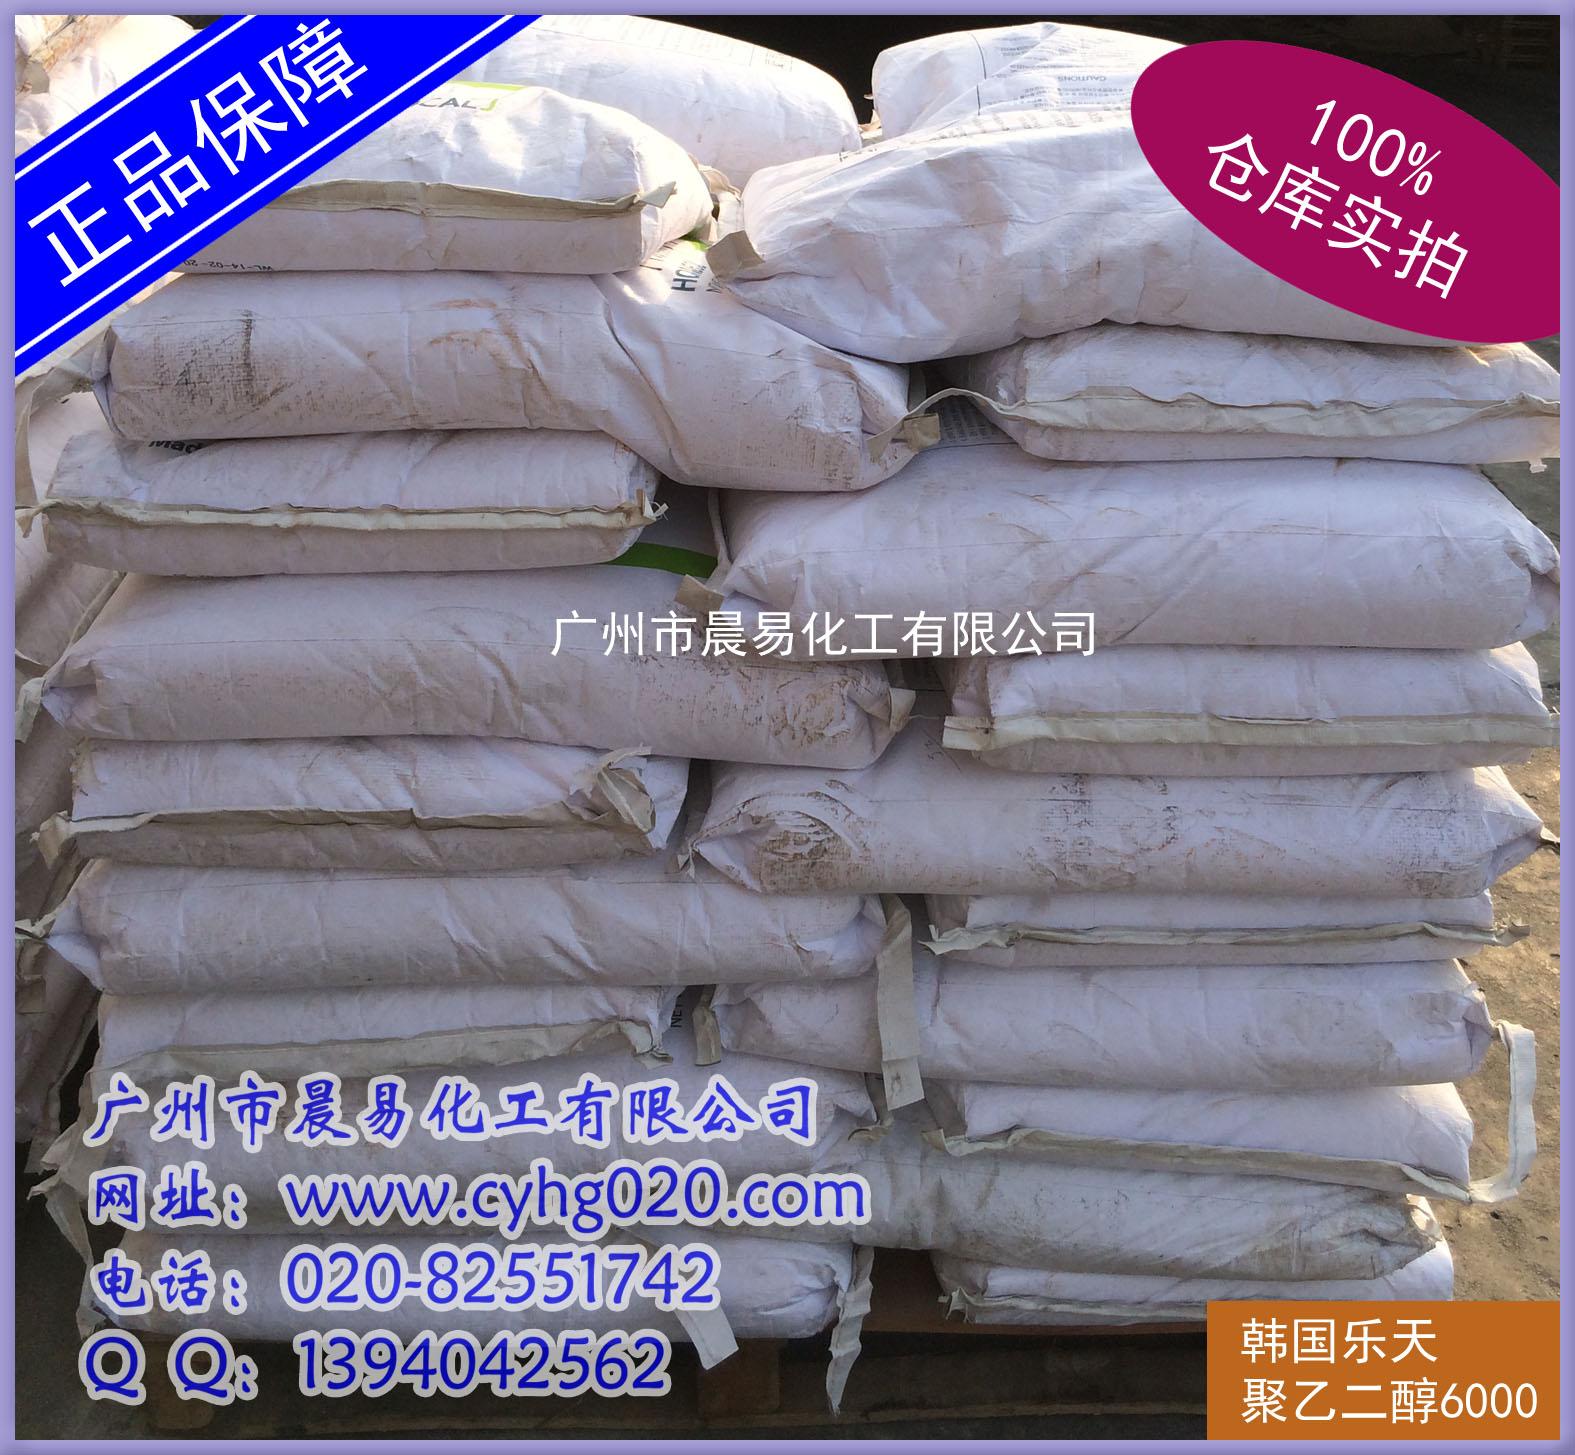 韩国聚乙二醇6000